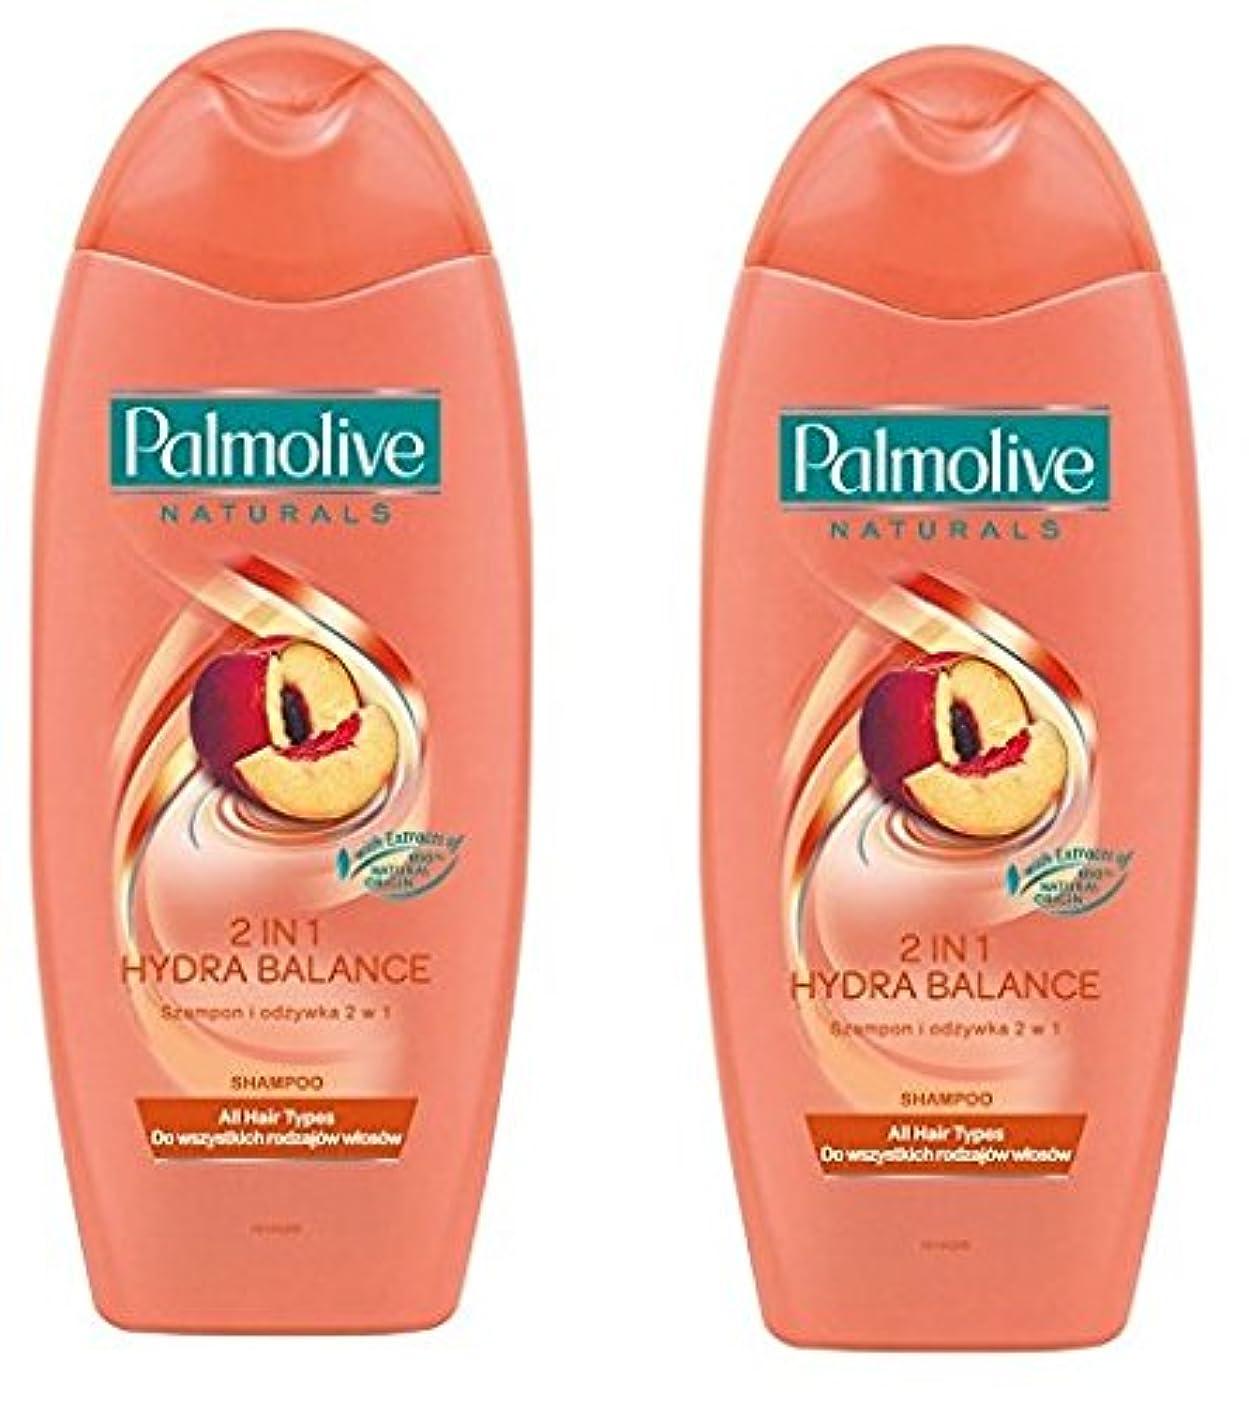 共産主義同級生象Palmolive Naturals Shampoo & Conditioner パルモティブシャンプーWコンディショナー ハイドロバランス 350ml 2個 [並行輸入品]